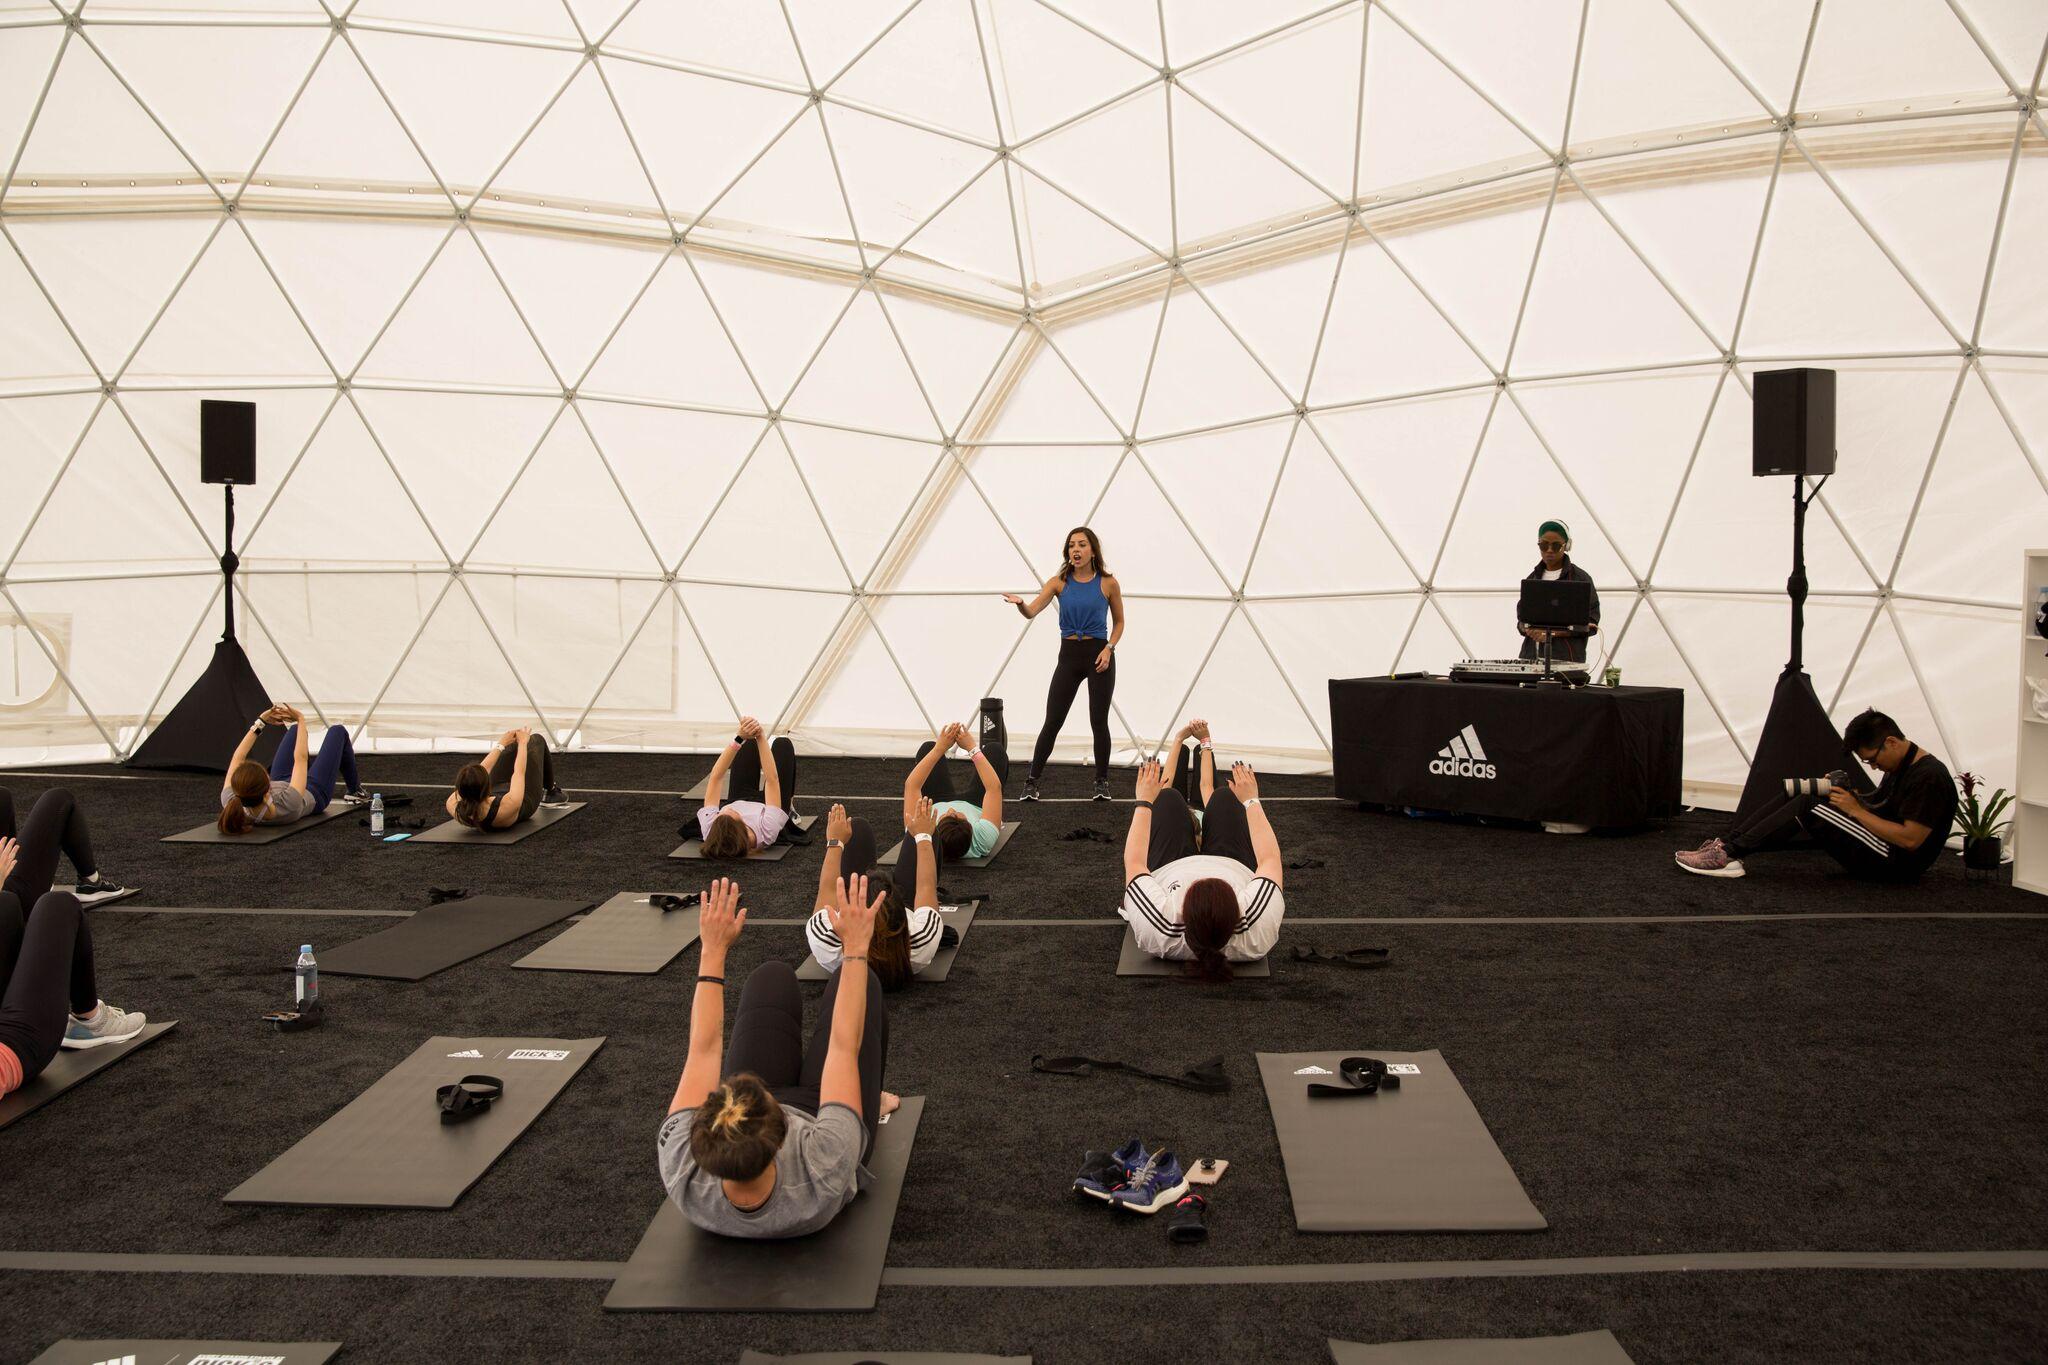 Adidas Yoga Dome.jpeg